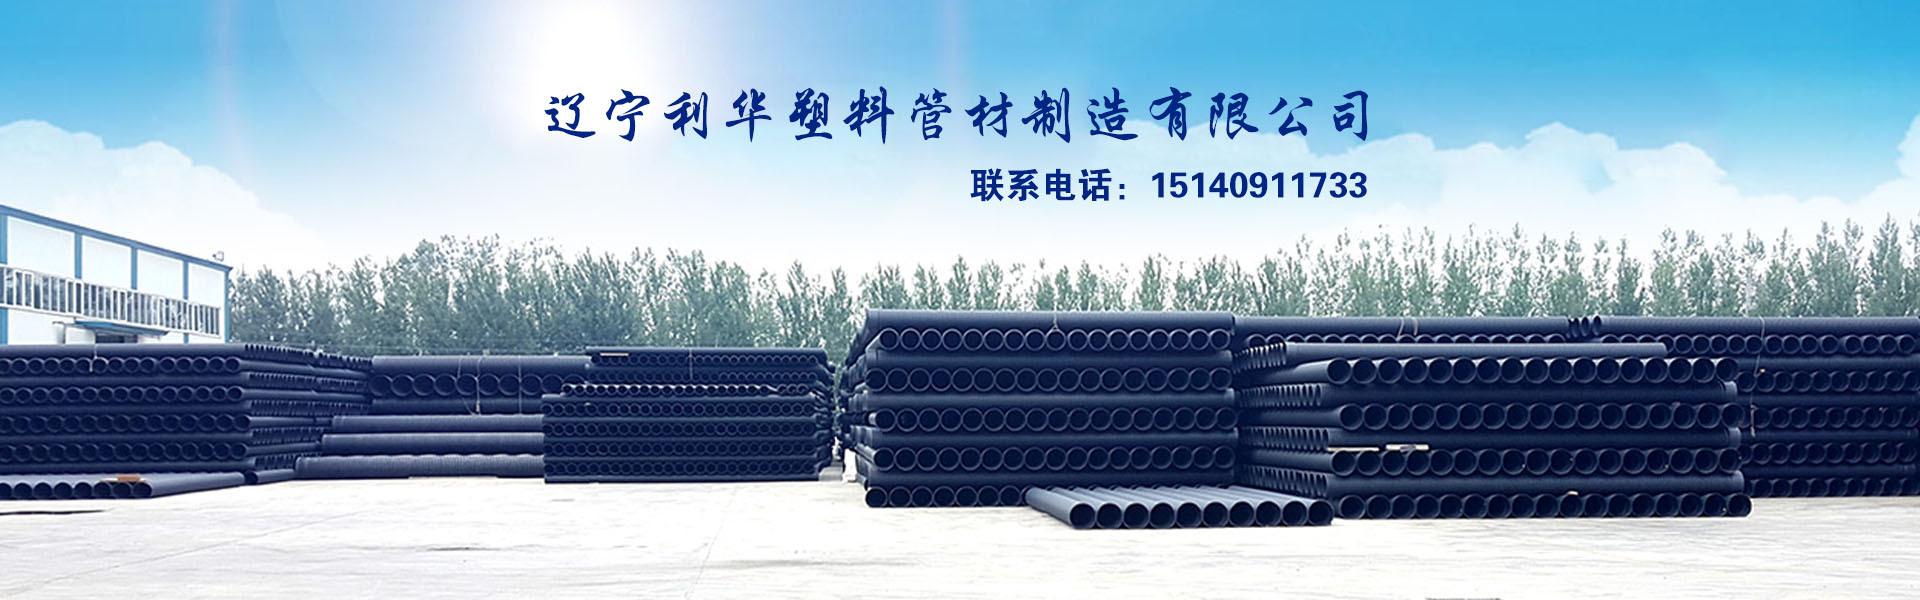 辽宁PVC电力管,辽宁PE给水管,辽宁MPP管厂家,辽宁PVC排水管,辽宁PVC排水管厂家